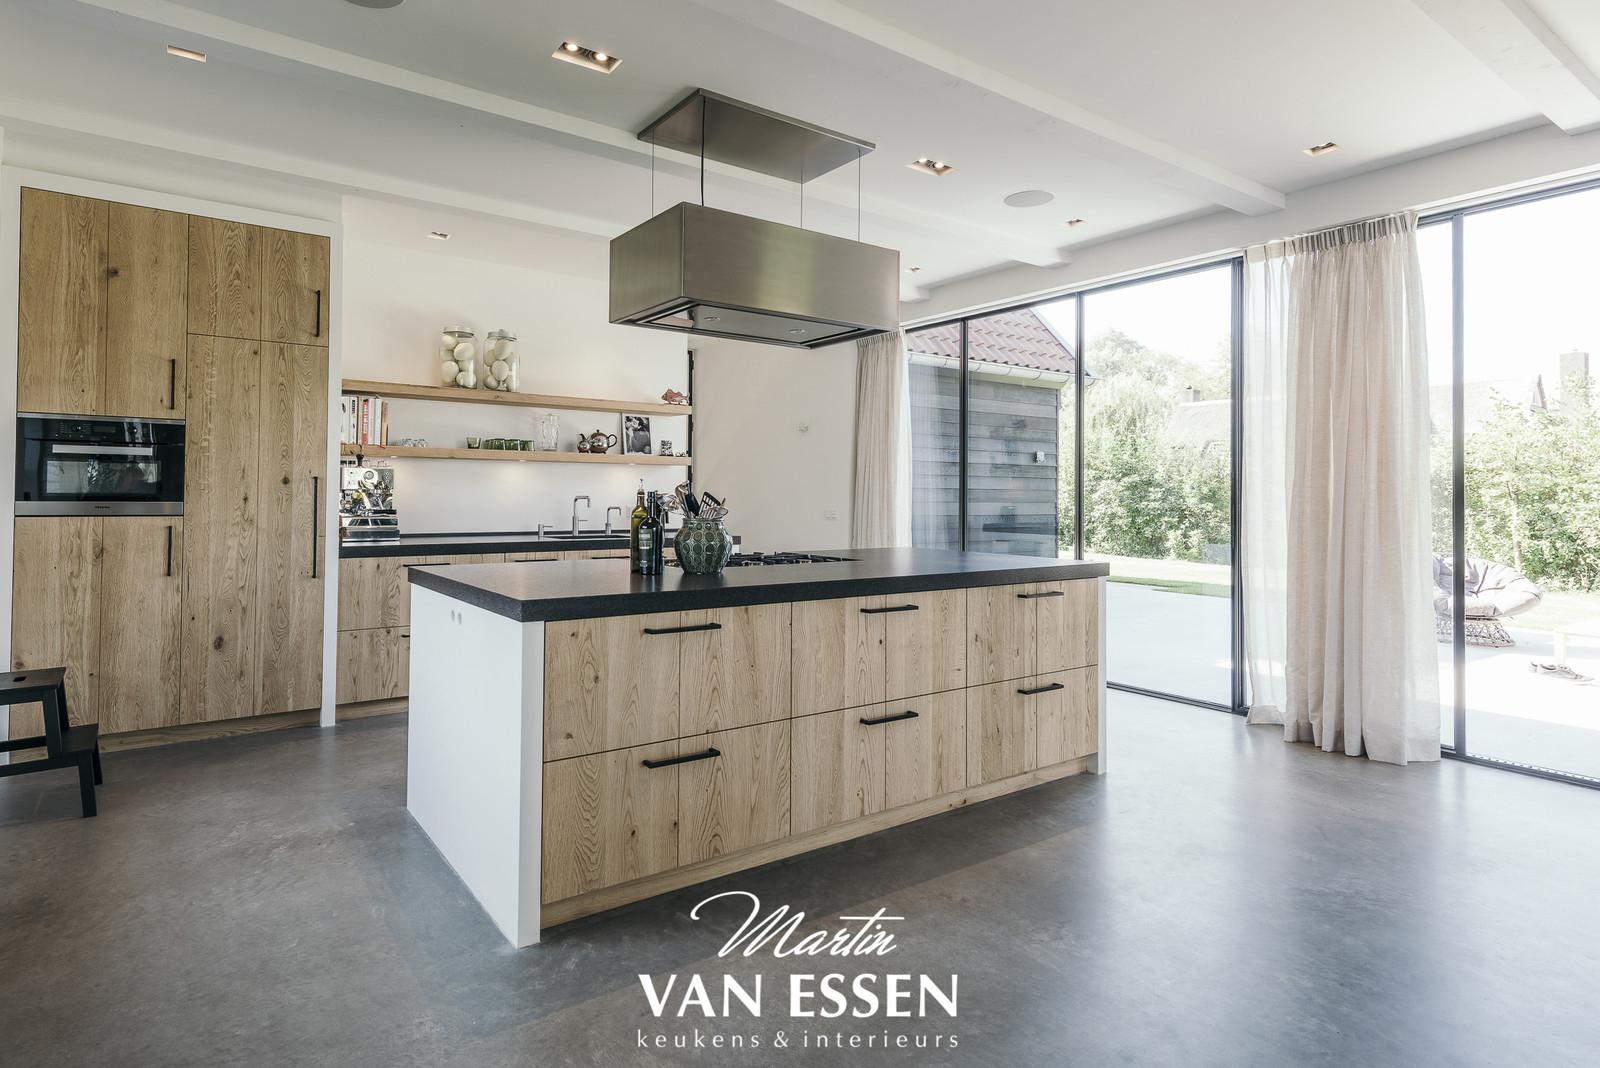 Van essen keukens the art of living nl